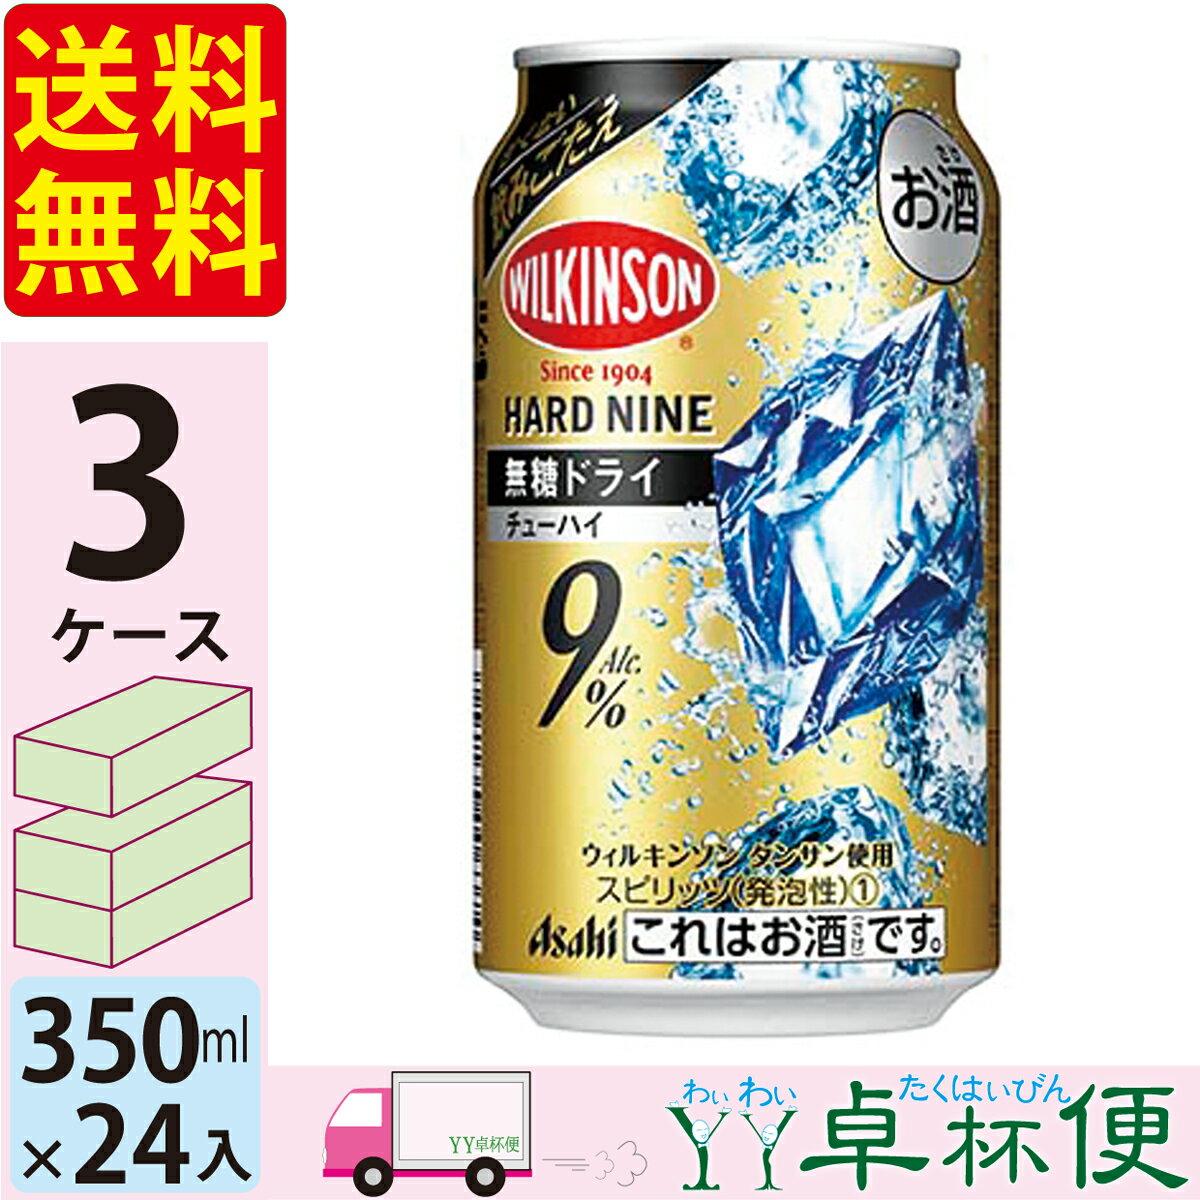 送料無料 チューハイ サワー アサヒ ウィルキンソン ハード 無糖ドライ 350ml 24缶入 3ケース (72本)